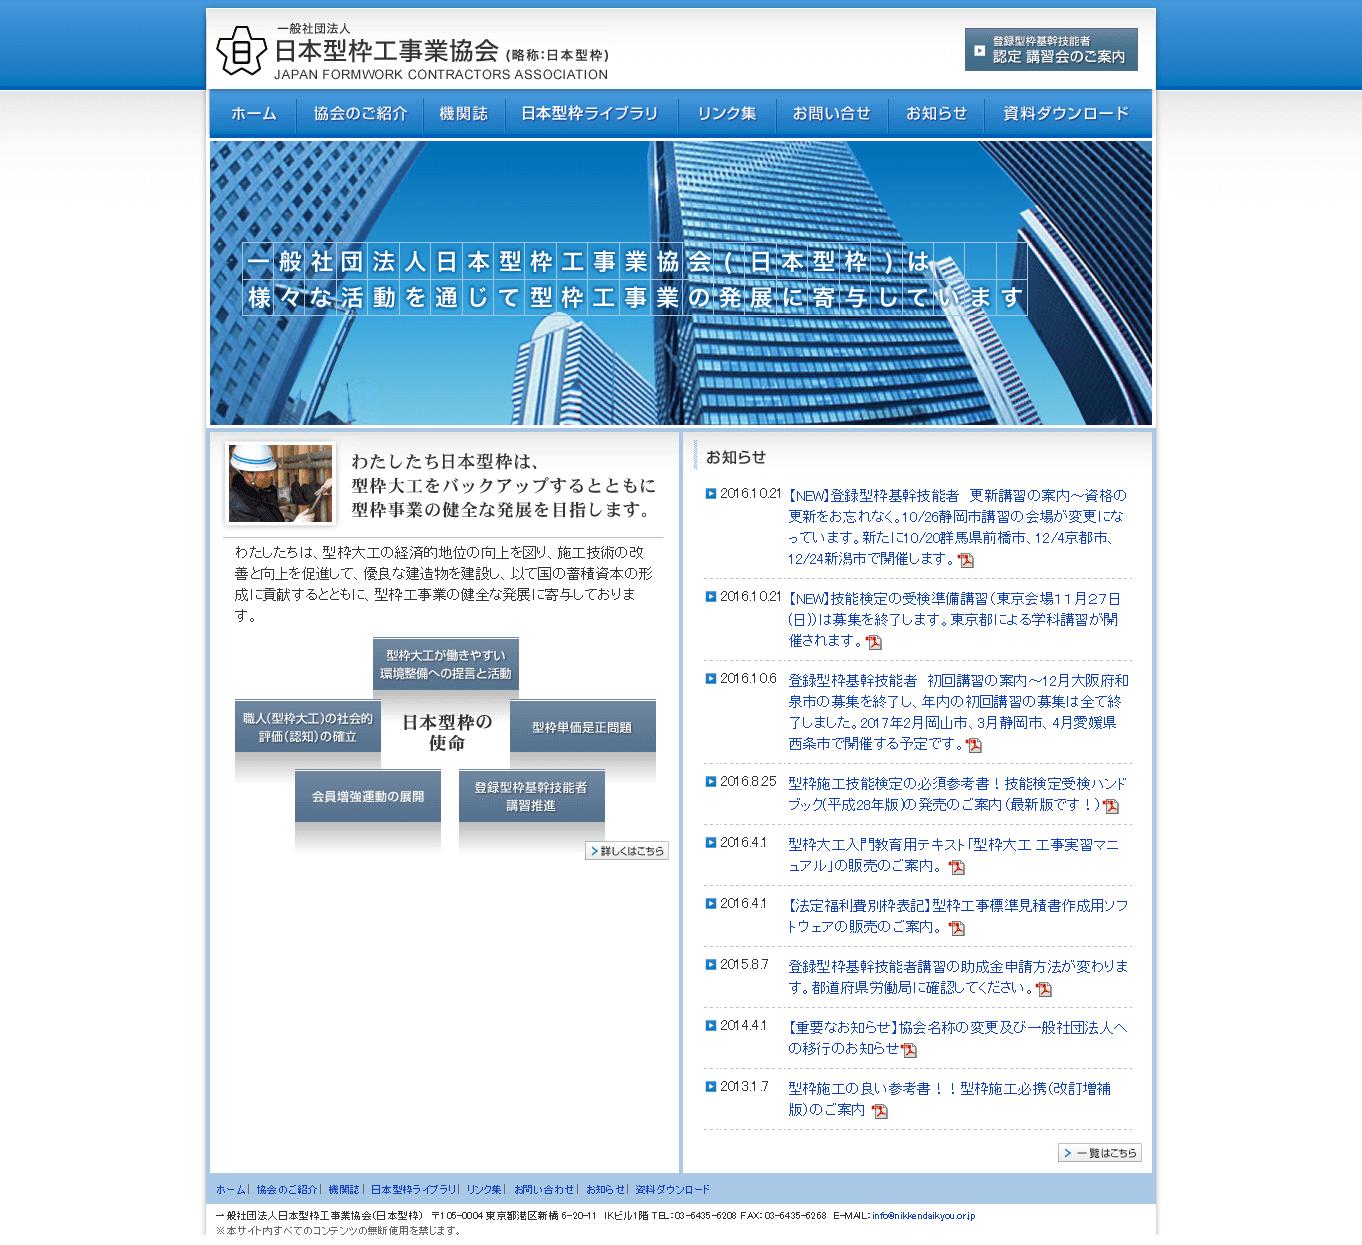 一般財団法人 日本型枠工事業協会スクリーンショット